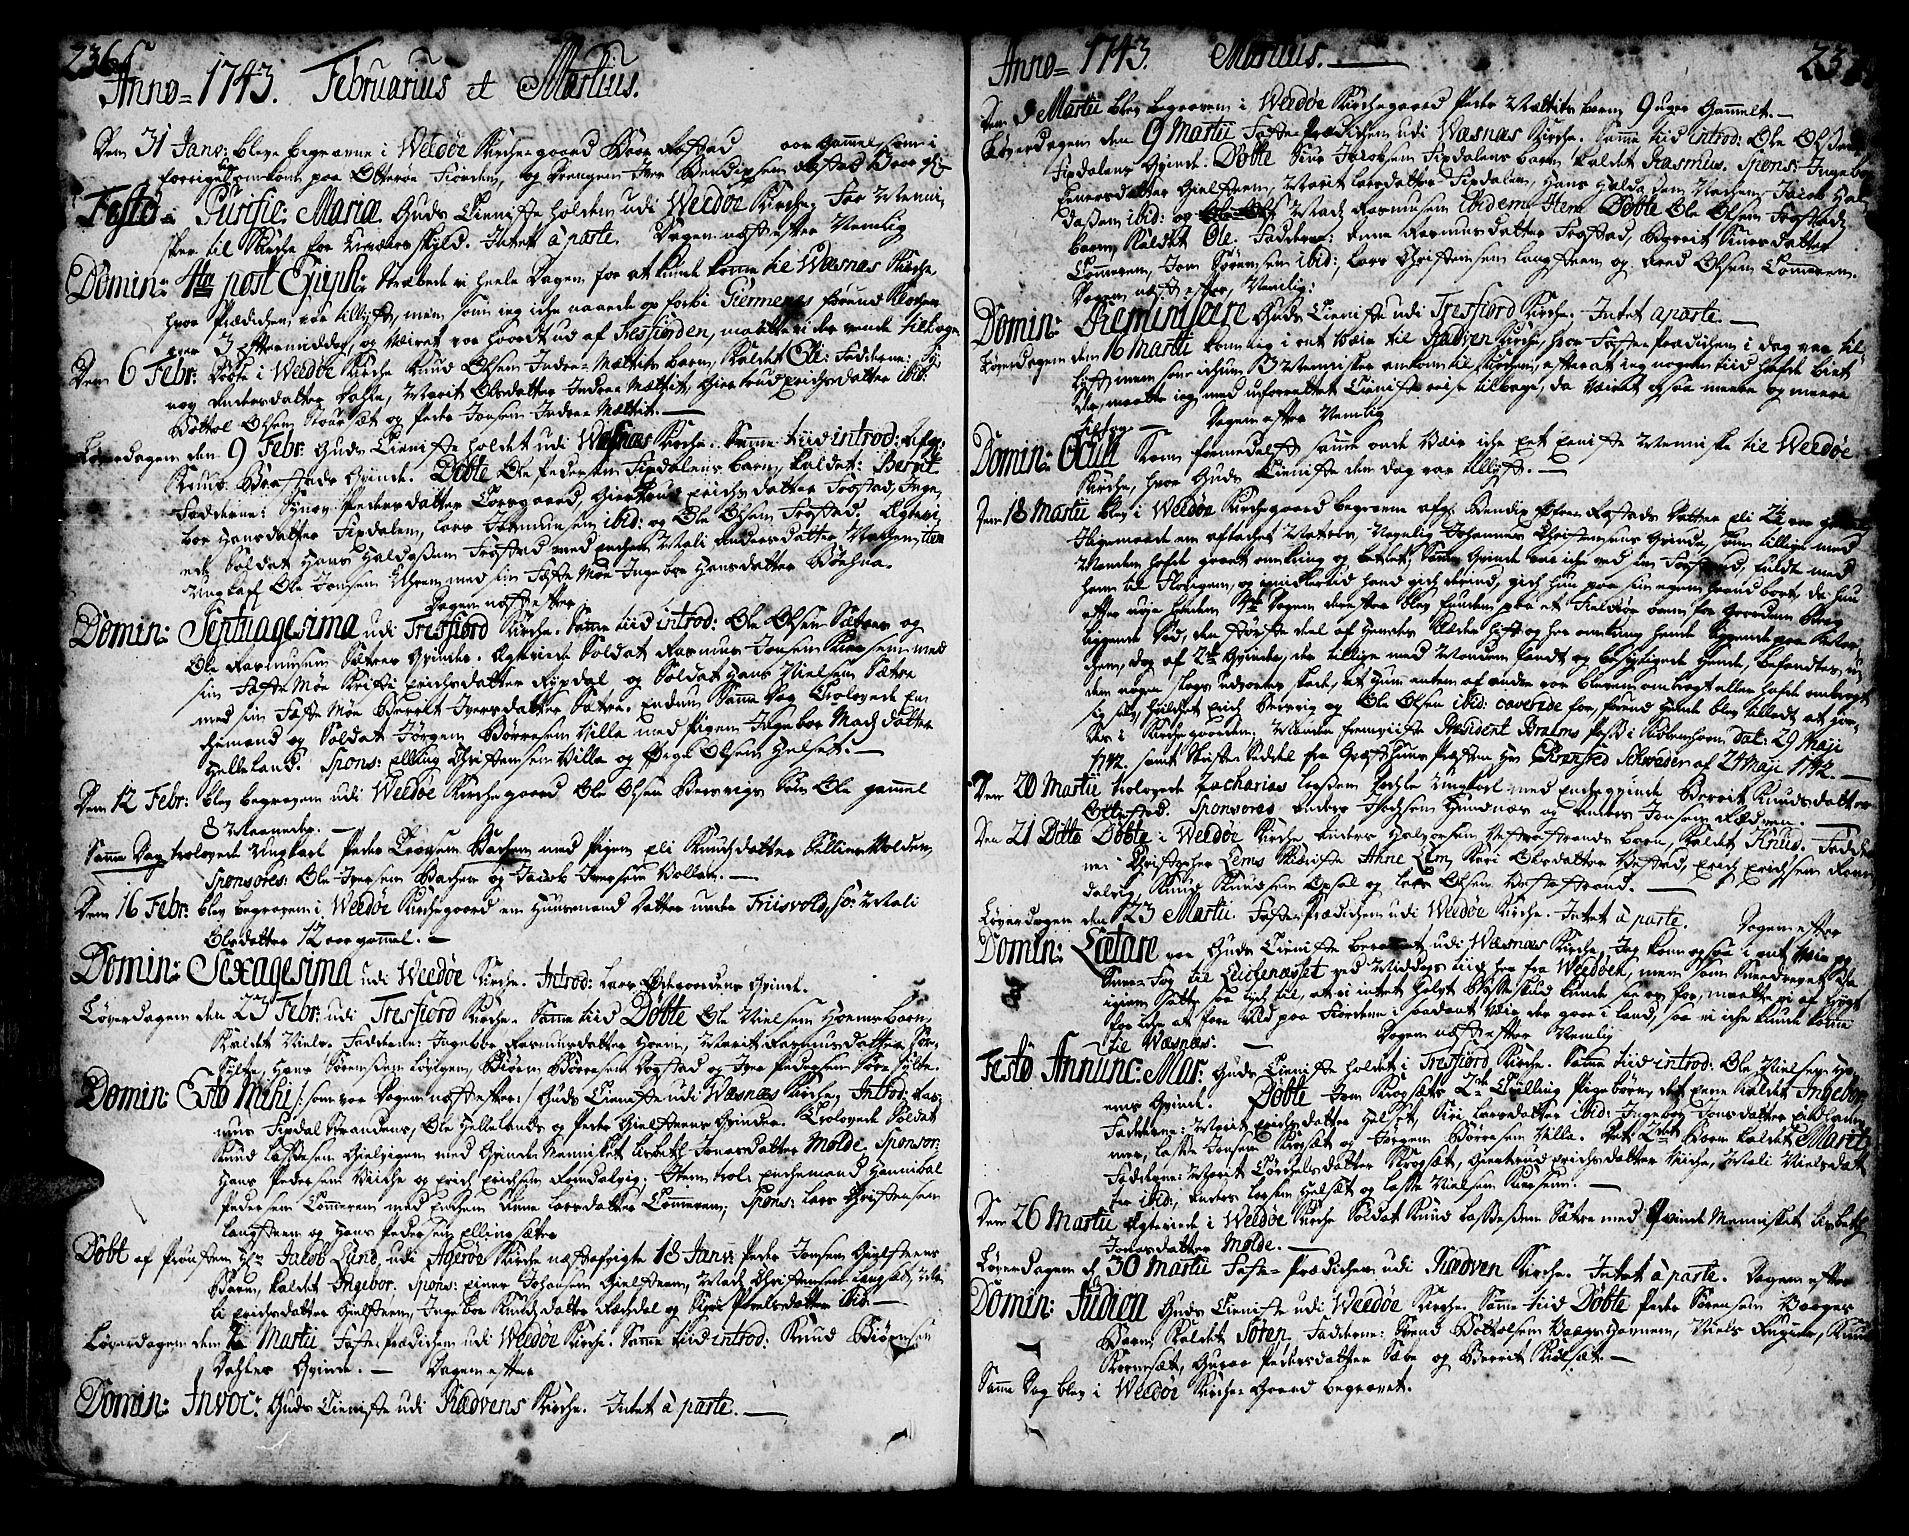 SAT, Ministerialprotokoller, klokkerbøker og fødselsregistre - Møre og Romsdal, 547/L0599: Parish register (official) no. 547A01, 1721-1764, p. 236-237